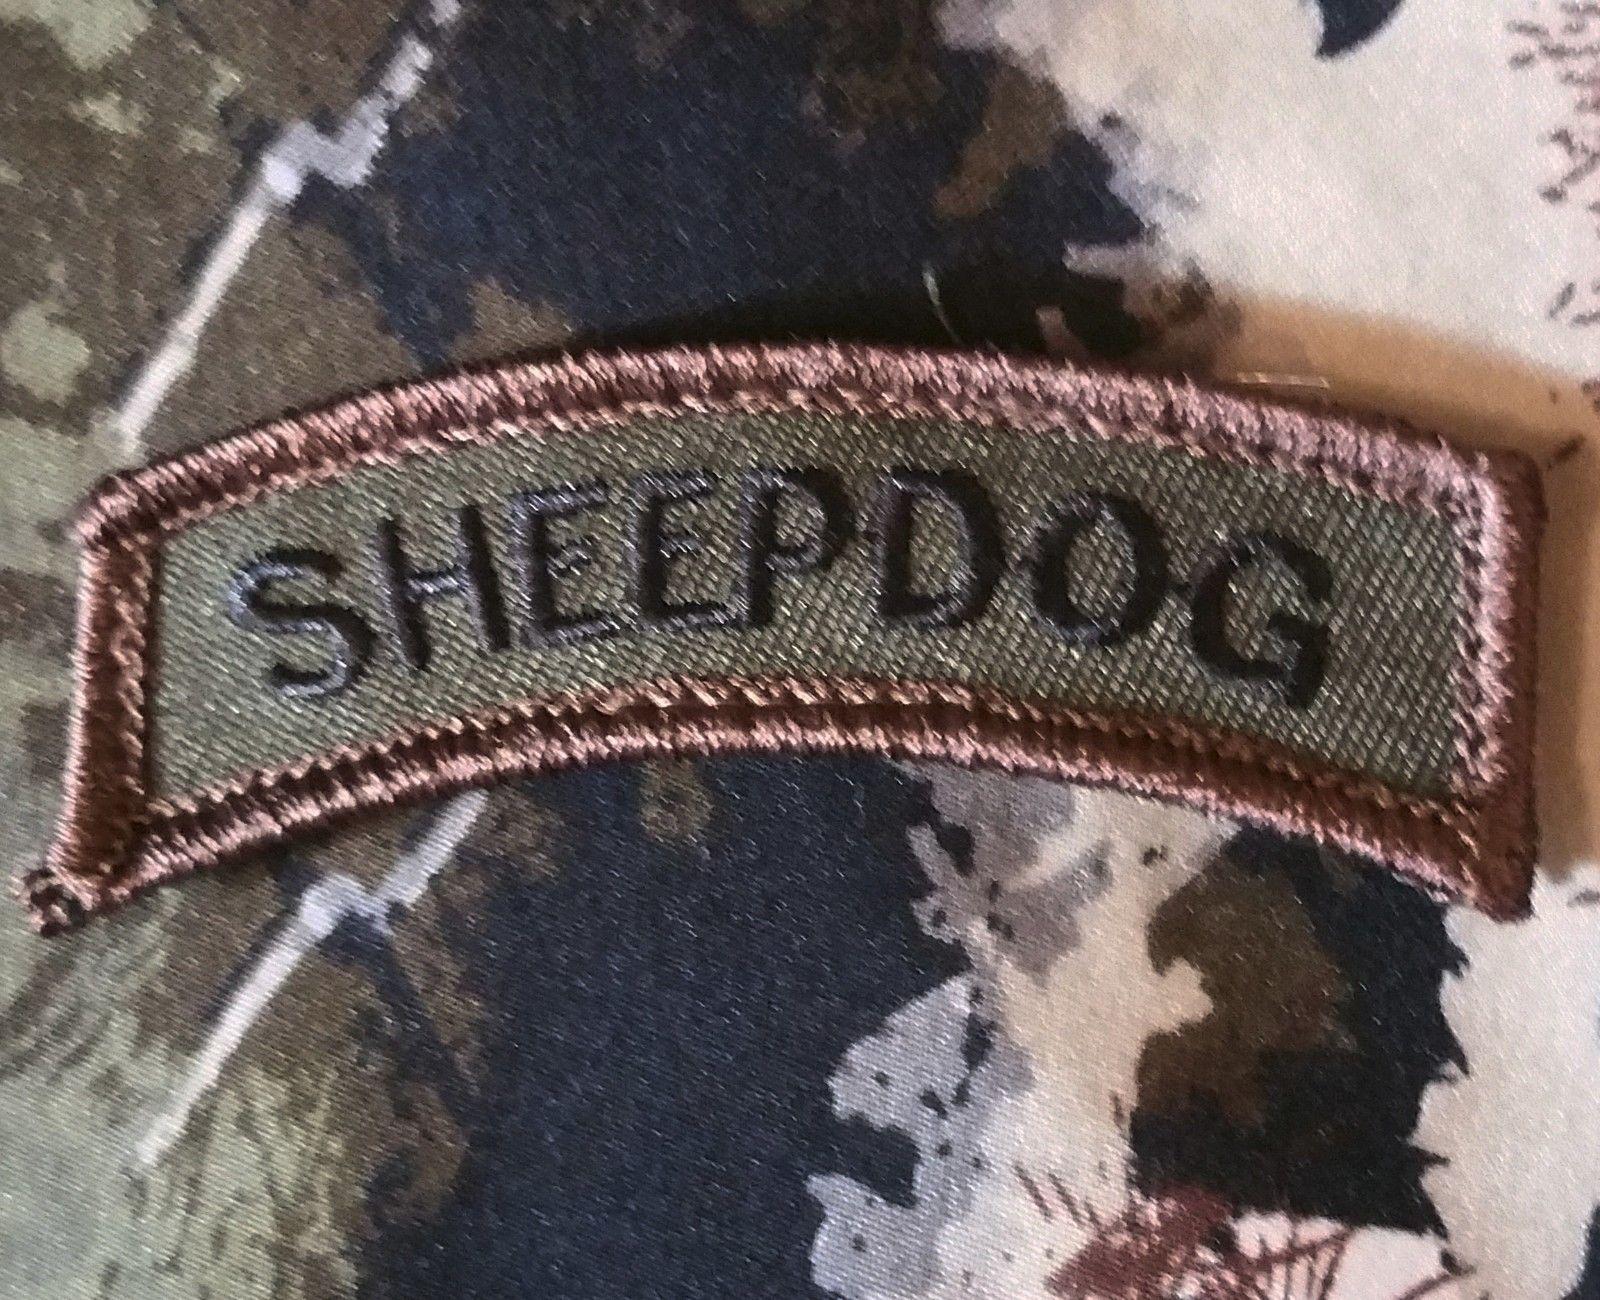 REBEL SCUM JEDI ROCKER TAB USA ARMY TACTICAL MORALE BADGE ACU DARK HOOK PATCH